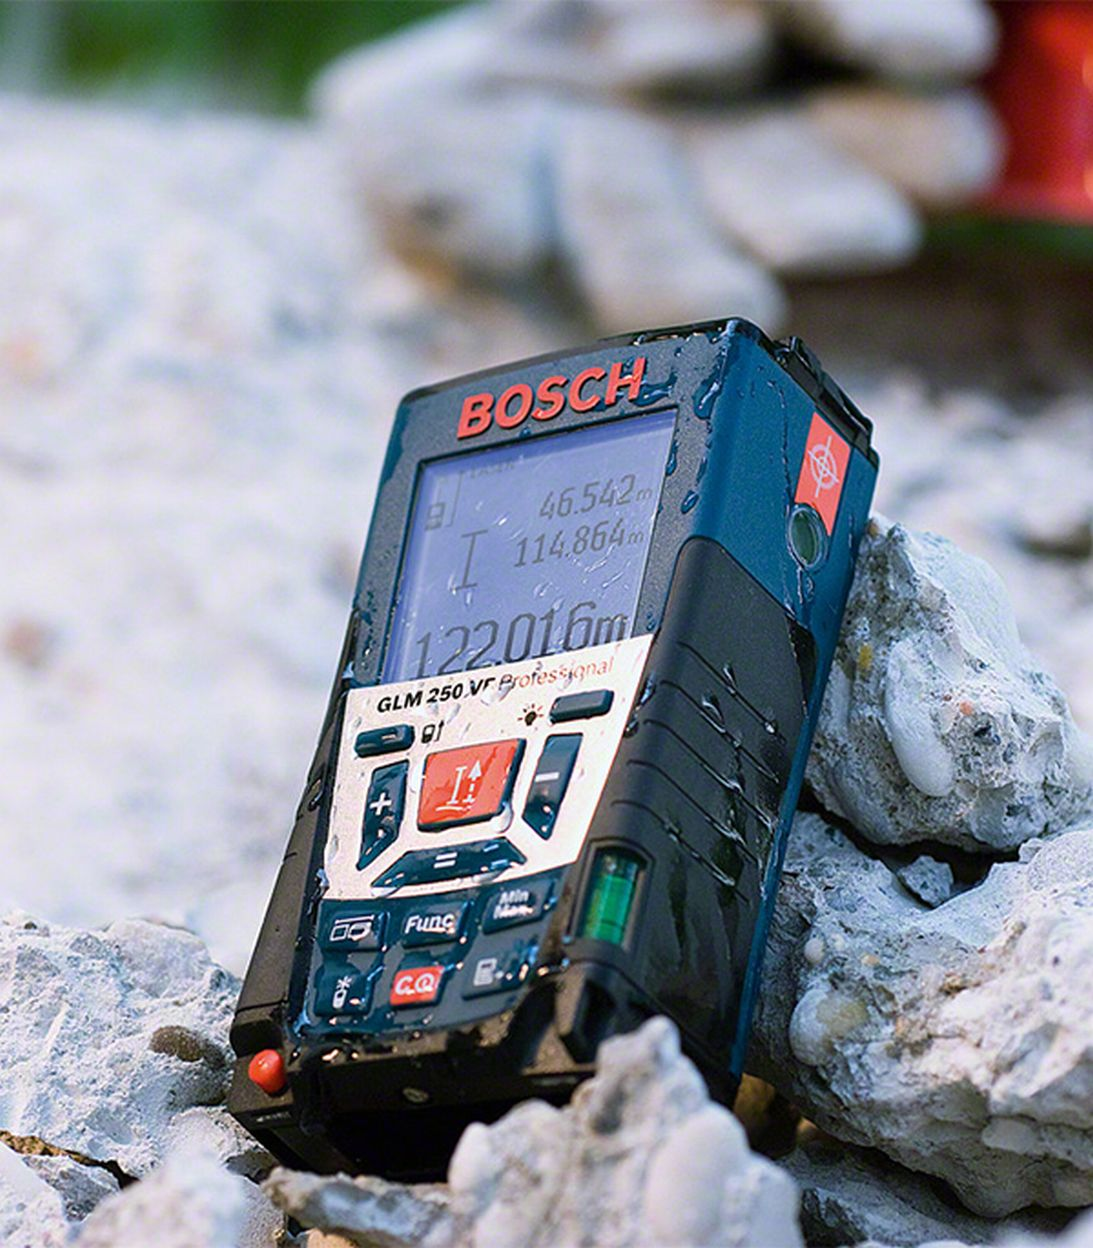 Дальномер лазерный 250 м, GLM 250 VF Bosch